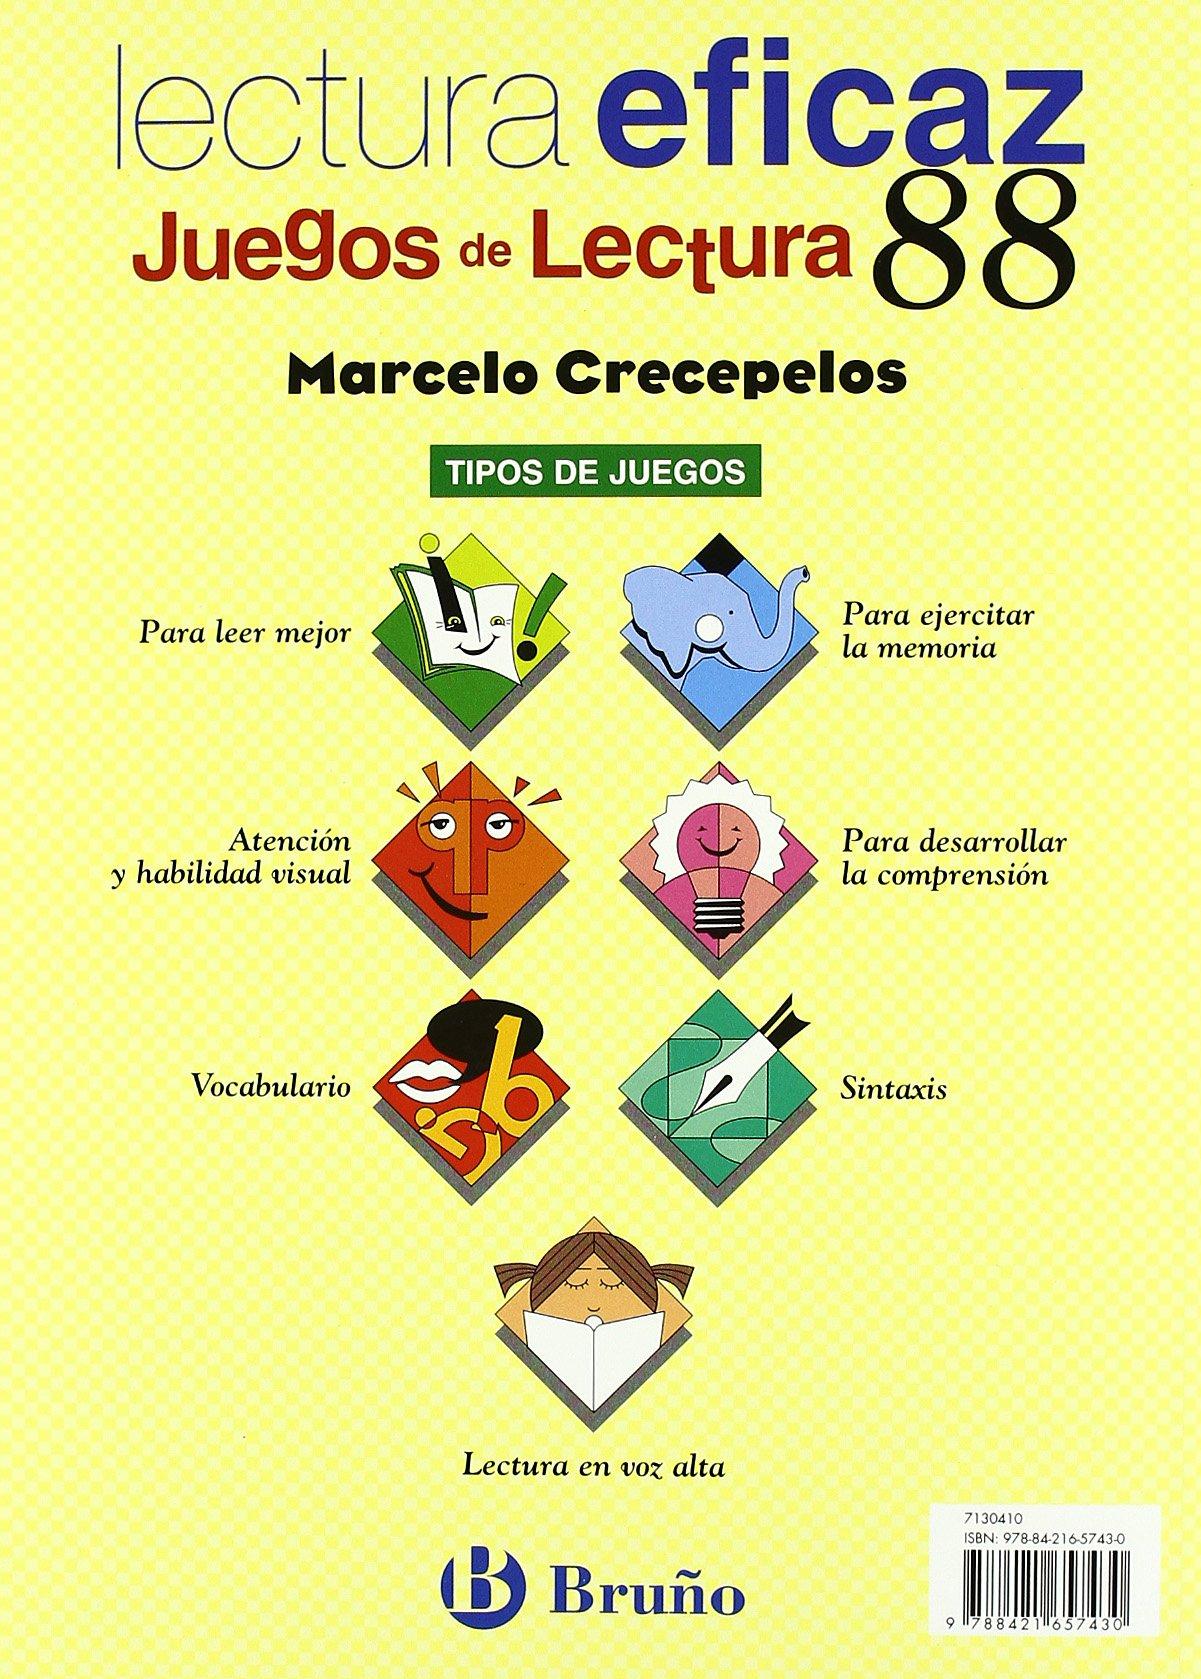 Marcelo Crecepelos Juego Lectura Castellano - Material Complementario - Juegos De Lectura - 9788421657430: Amazon.es: Ángel Alonso Gracia, Carlos Miguel ...